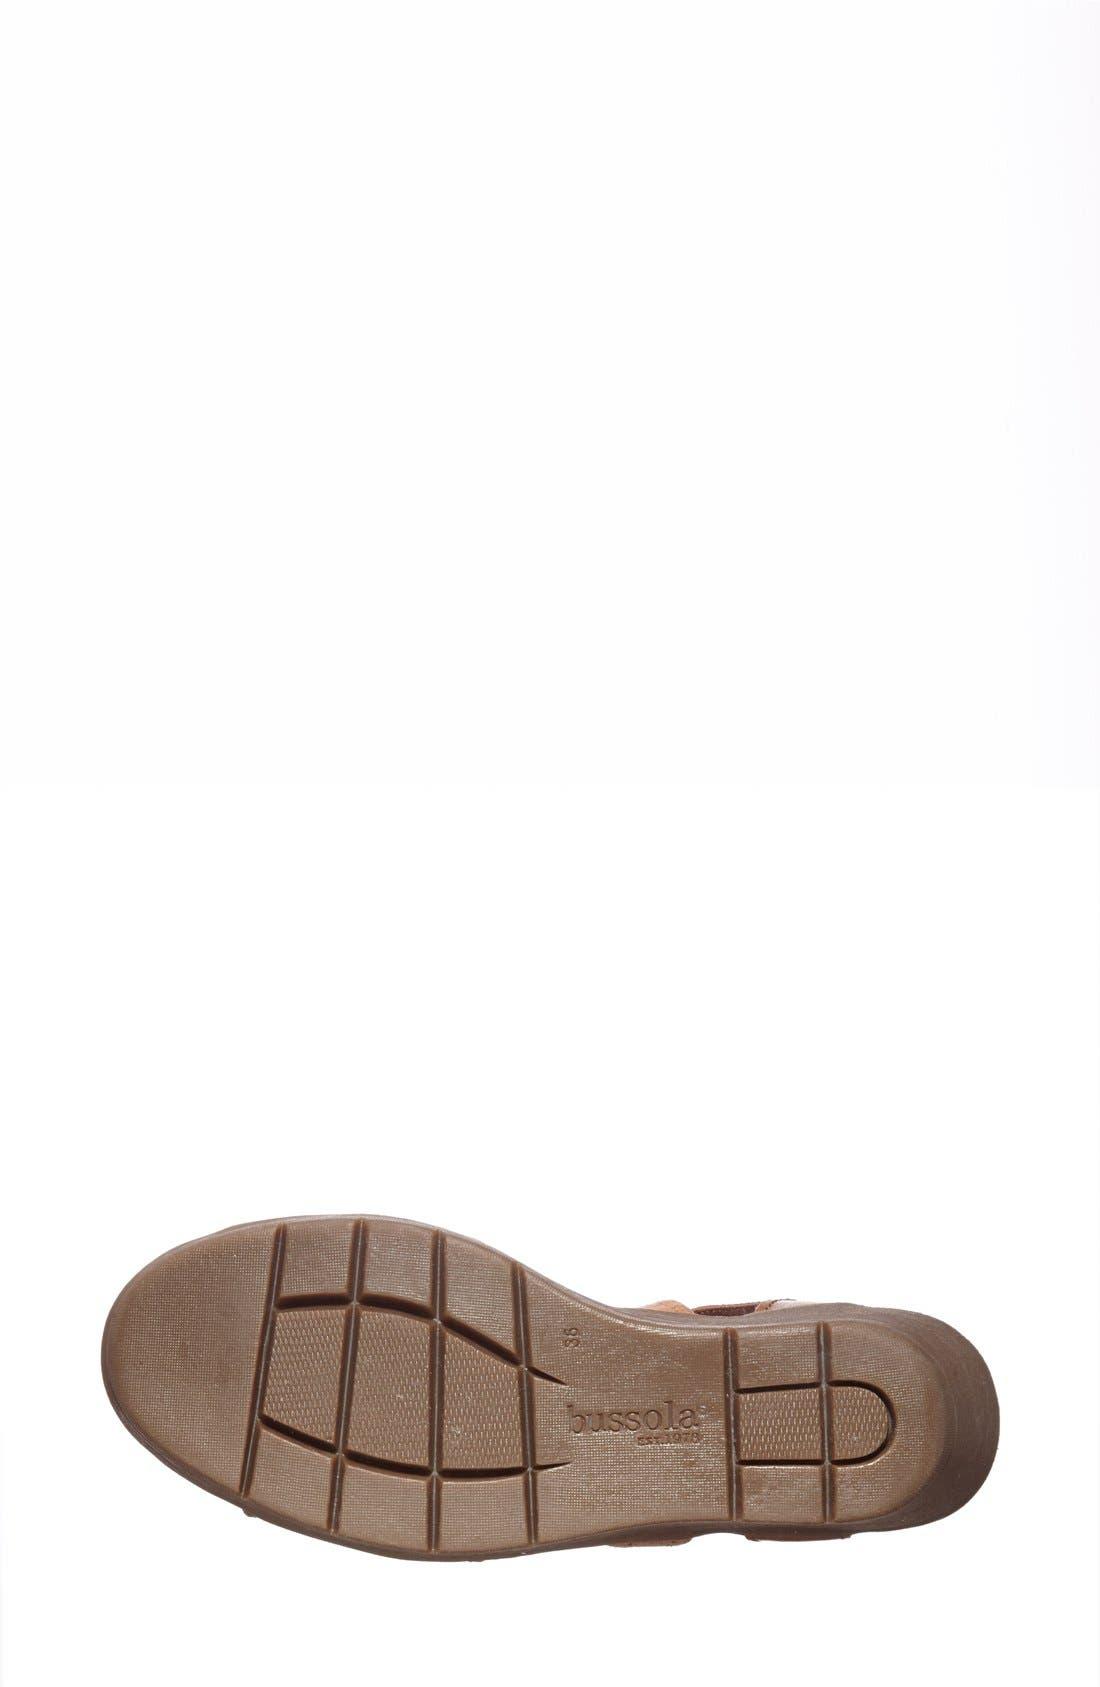 Alternate Image 4  - Bussola 'Zumaia' Wedge Sandal (Women)